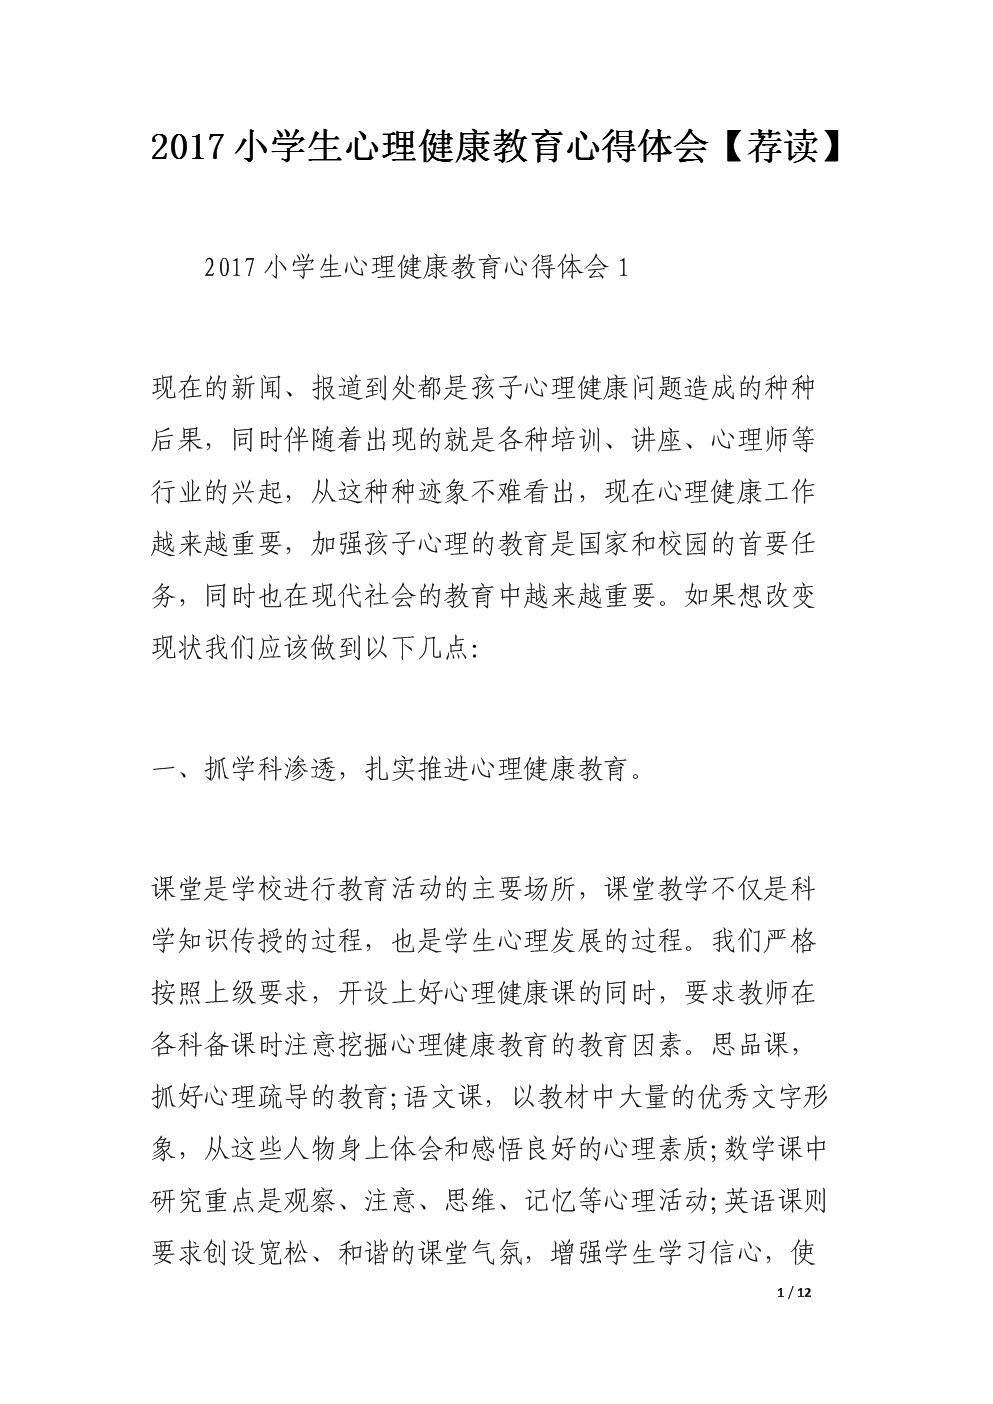 2017小学生心理健康v小学小学体【荐读】.d铁五包头心得图片